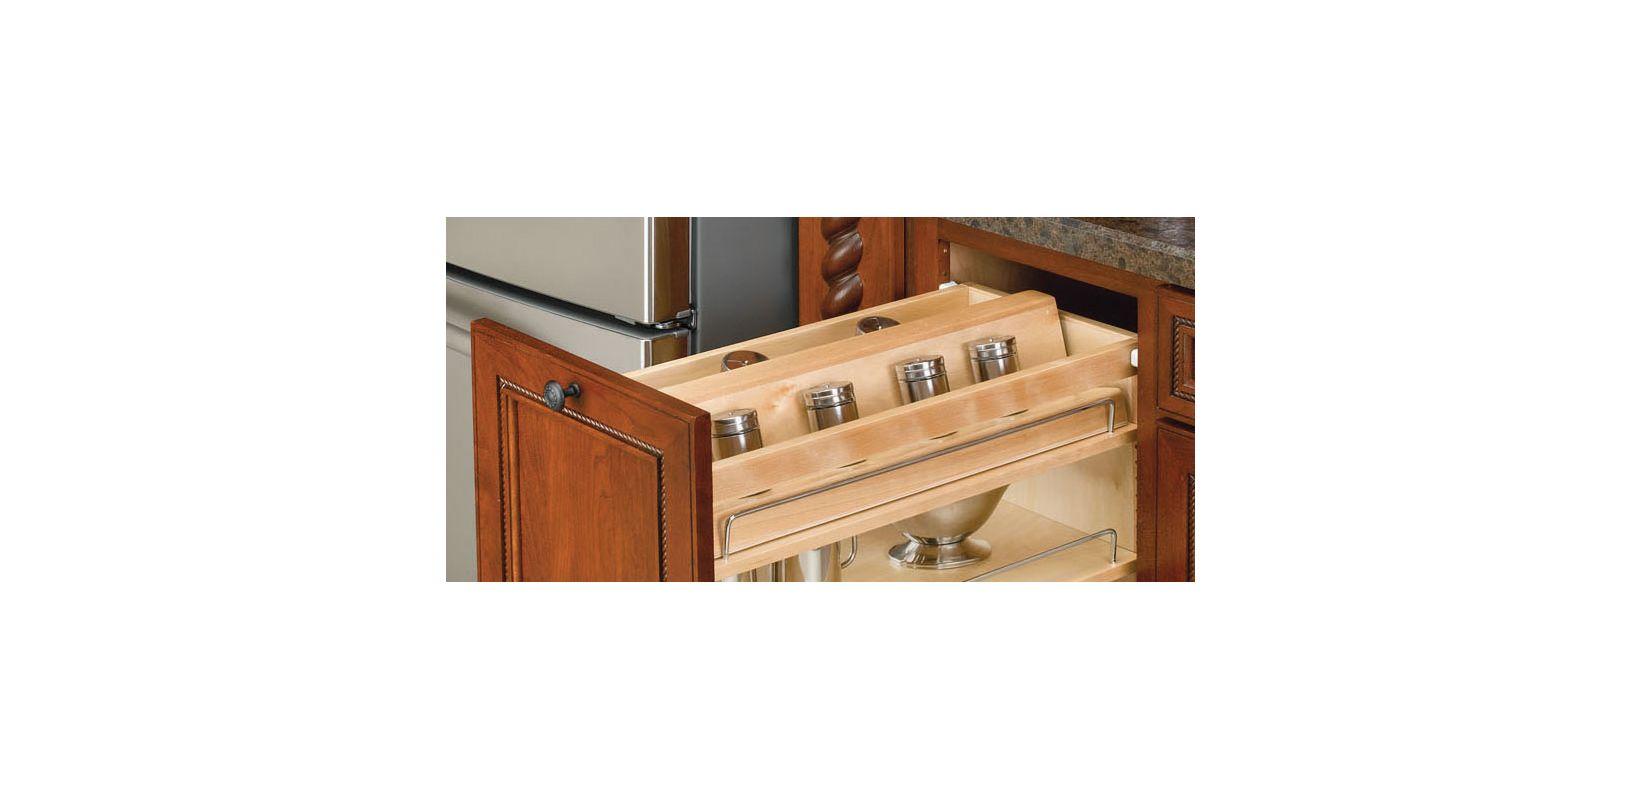 rev a shelf 448 sr8 1 natural wood spice rack for 448 bc. Black Bedroom Furniture Sets. Home Design Ideas